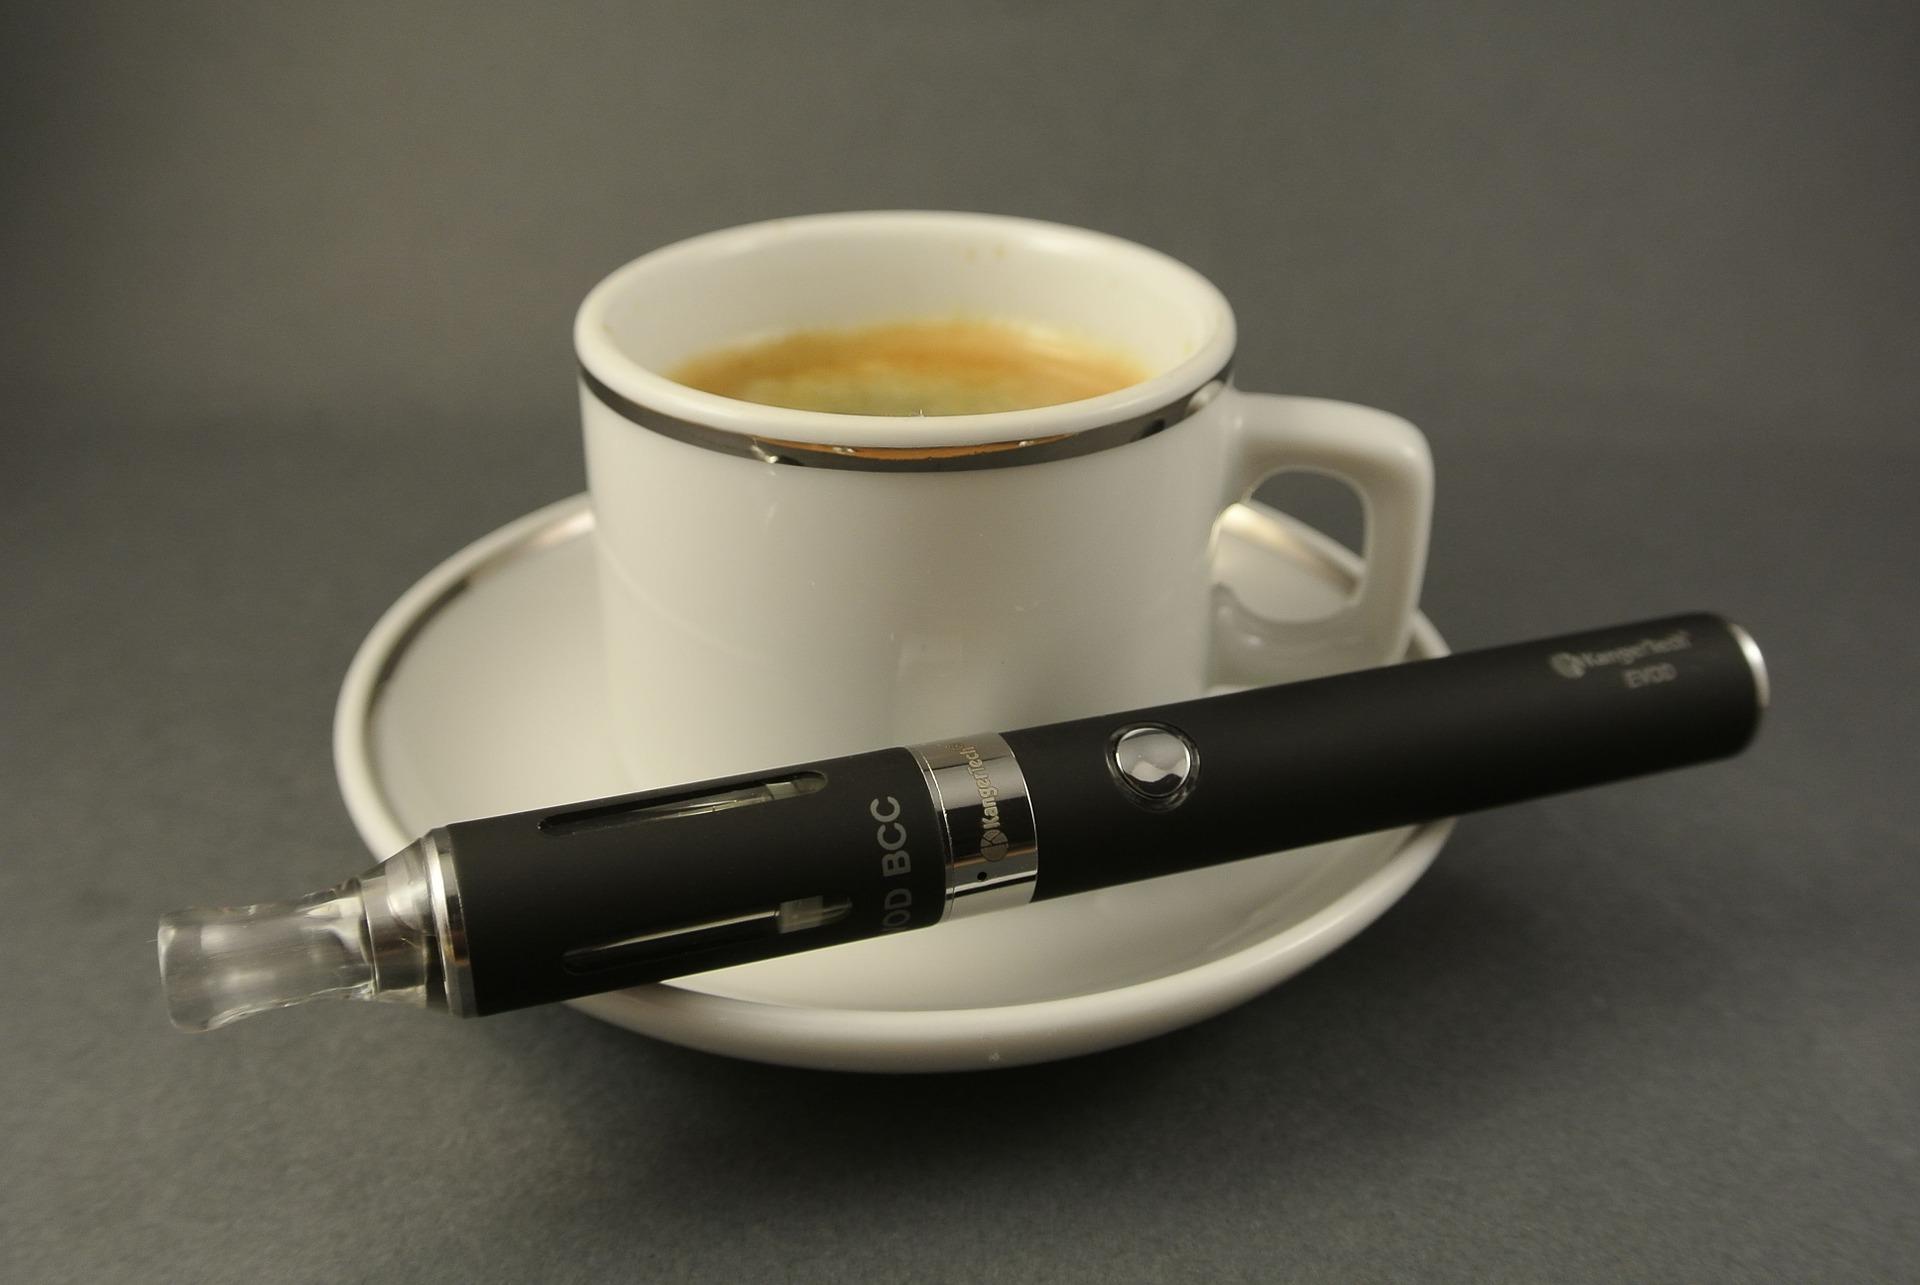 e-sigaret straks verboden in het vliegtuig?